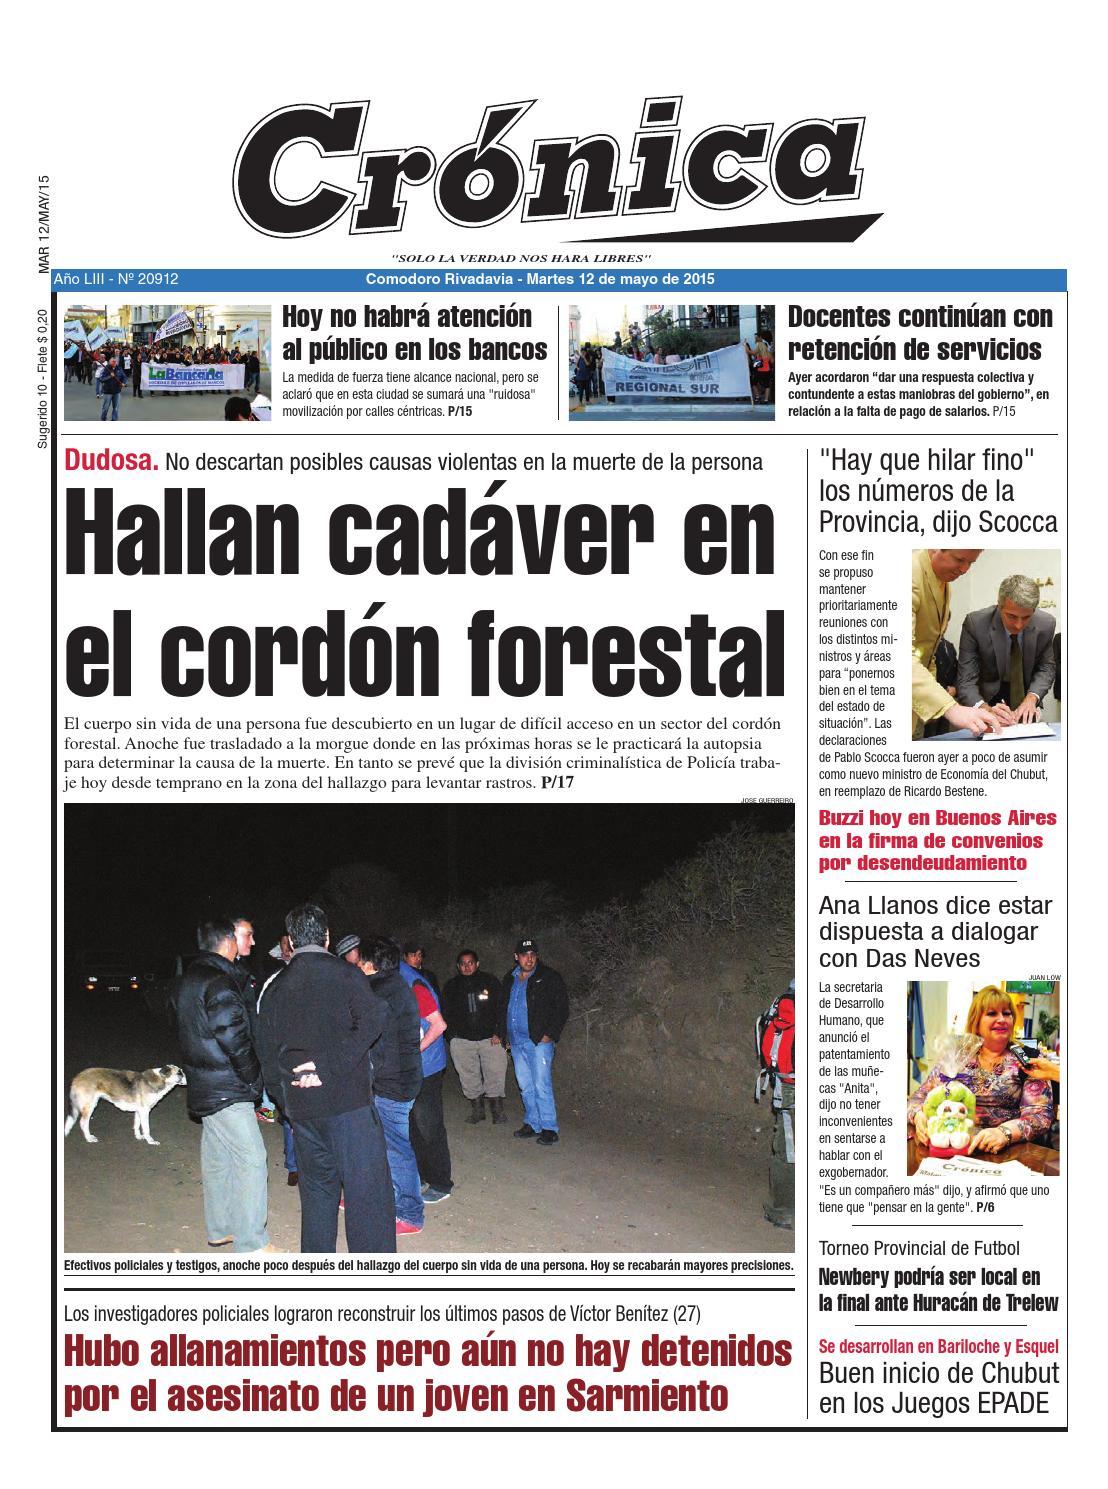 37e56ebed5e9861b99bc8956444a4e65 by Diario Crónica - issuu 2f762fb99b